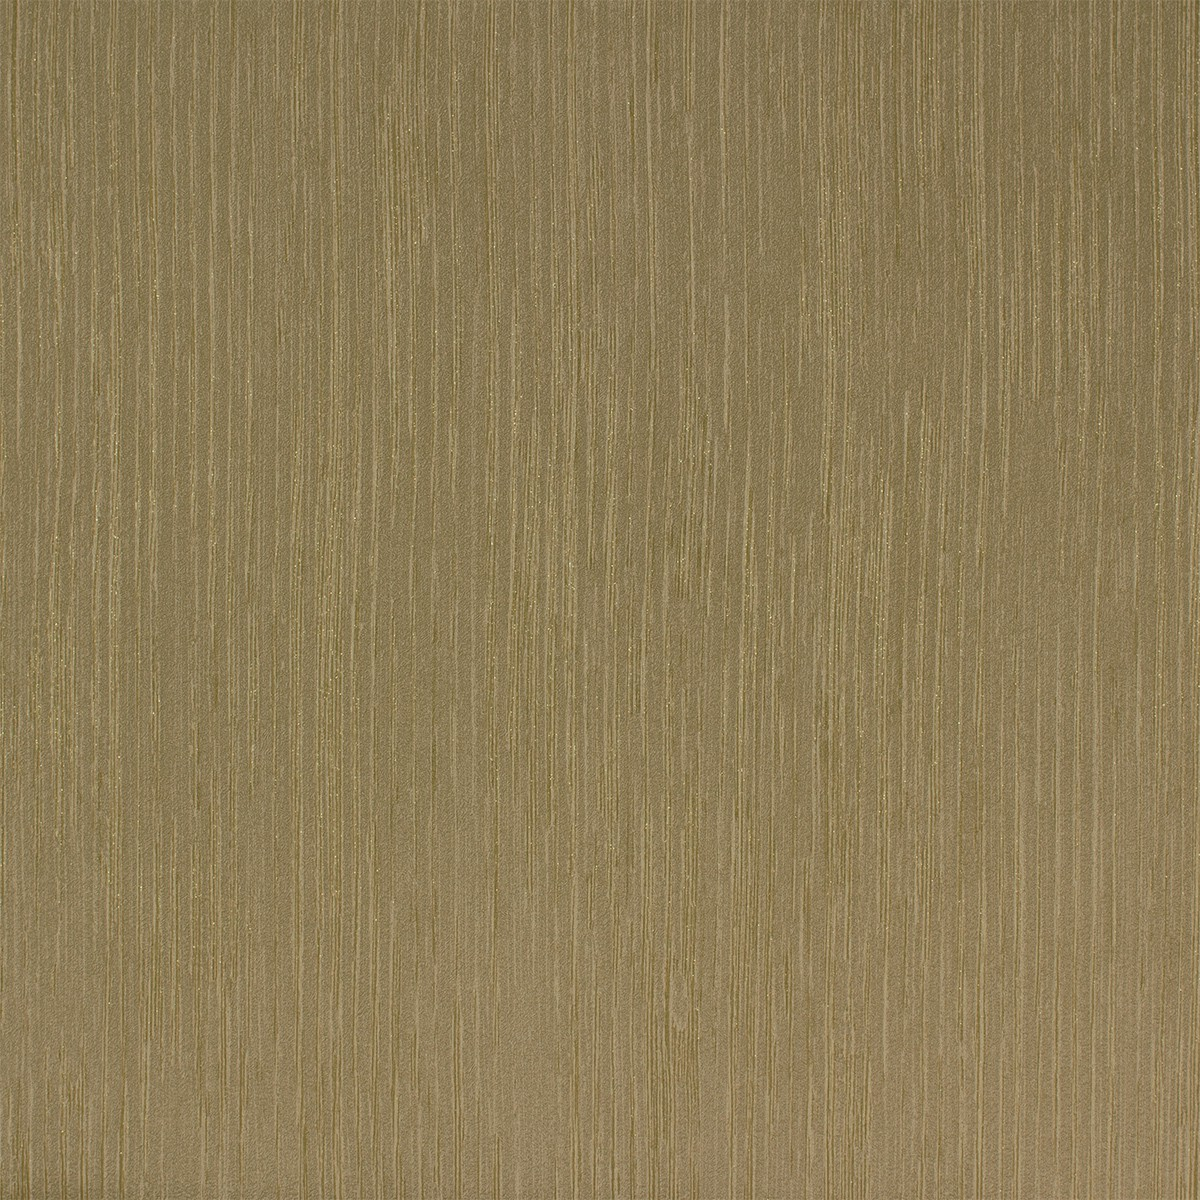 Tapeten Angelica Uni Streifen Beige Gr 252 N Gold Tapete Rasch